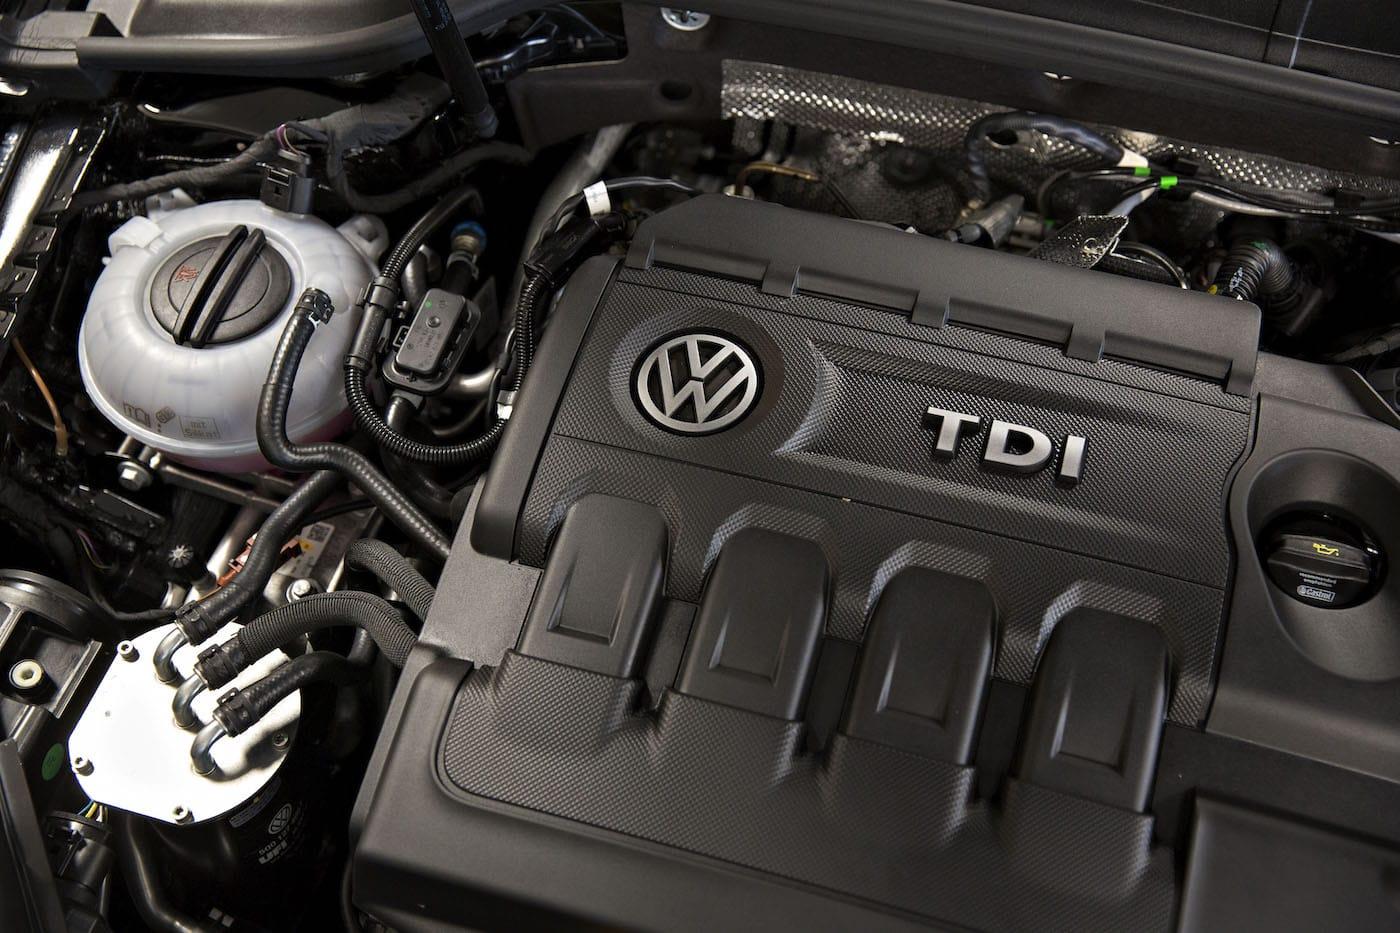 Blev Volkswagen allerede advaret i 2007?